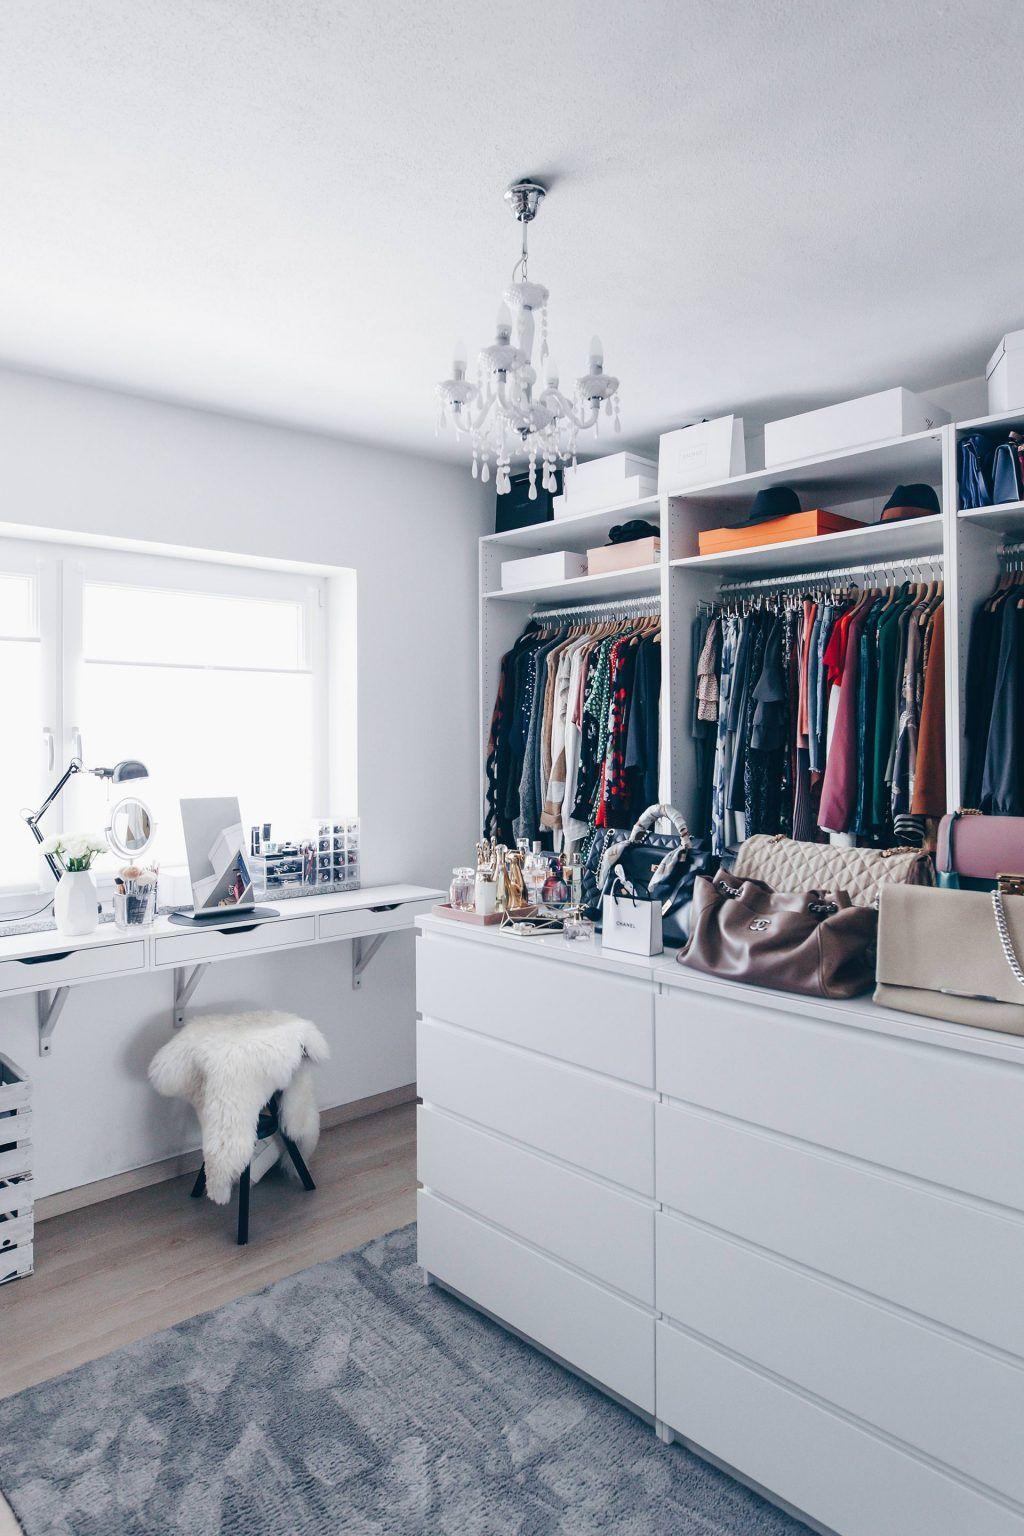 So Habe Ich Mein Ankleidezimmer Eingerichtet Und Gestaltet In 2019